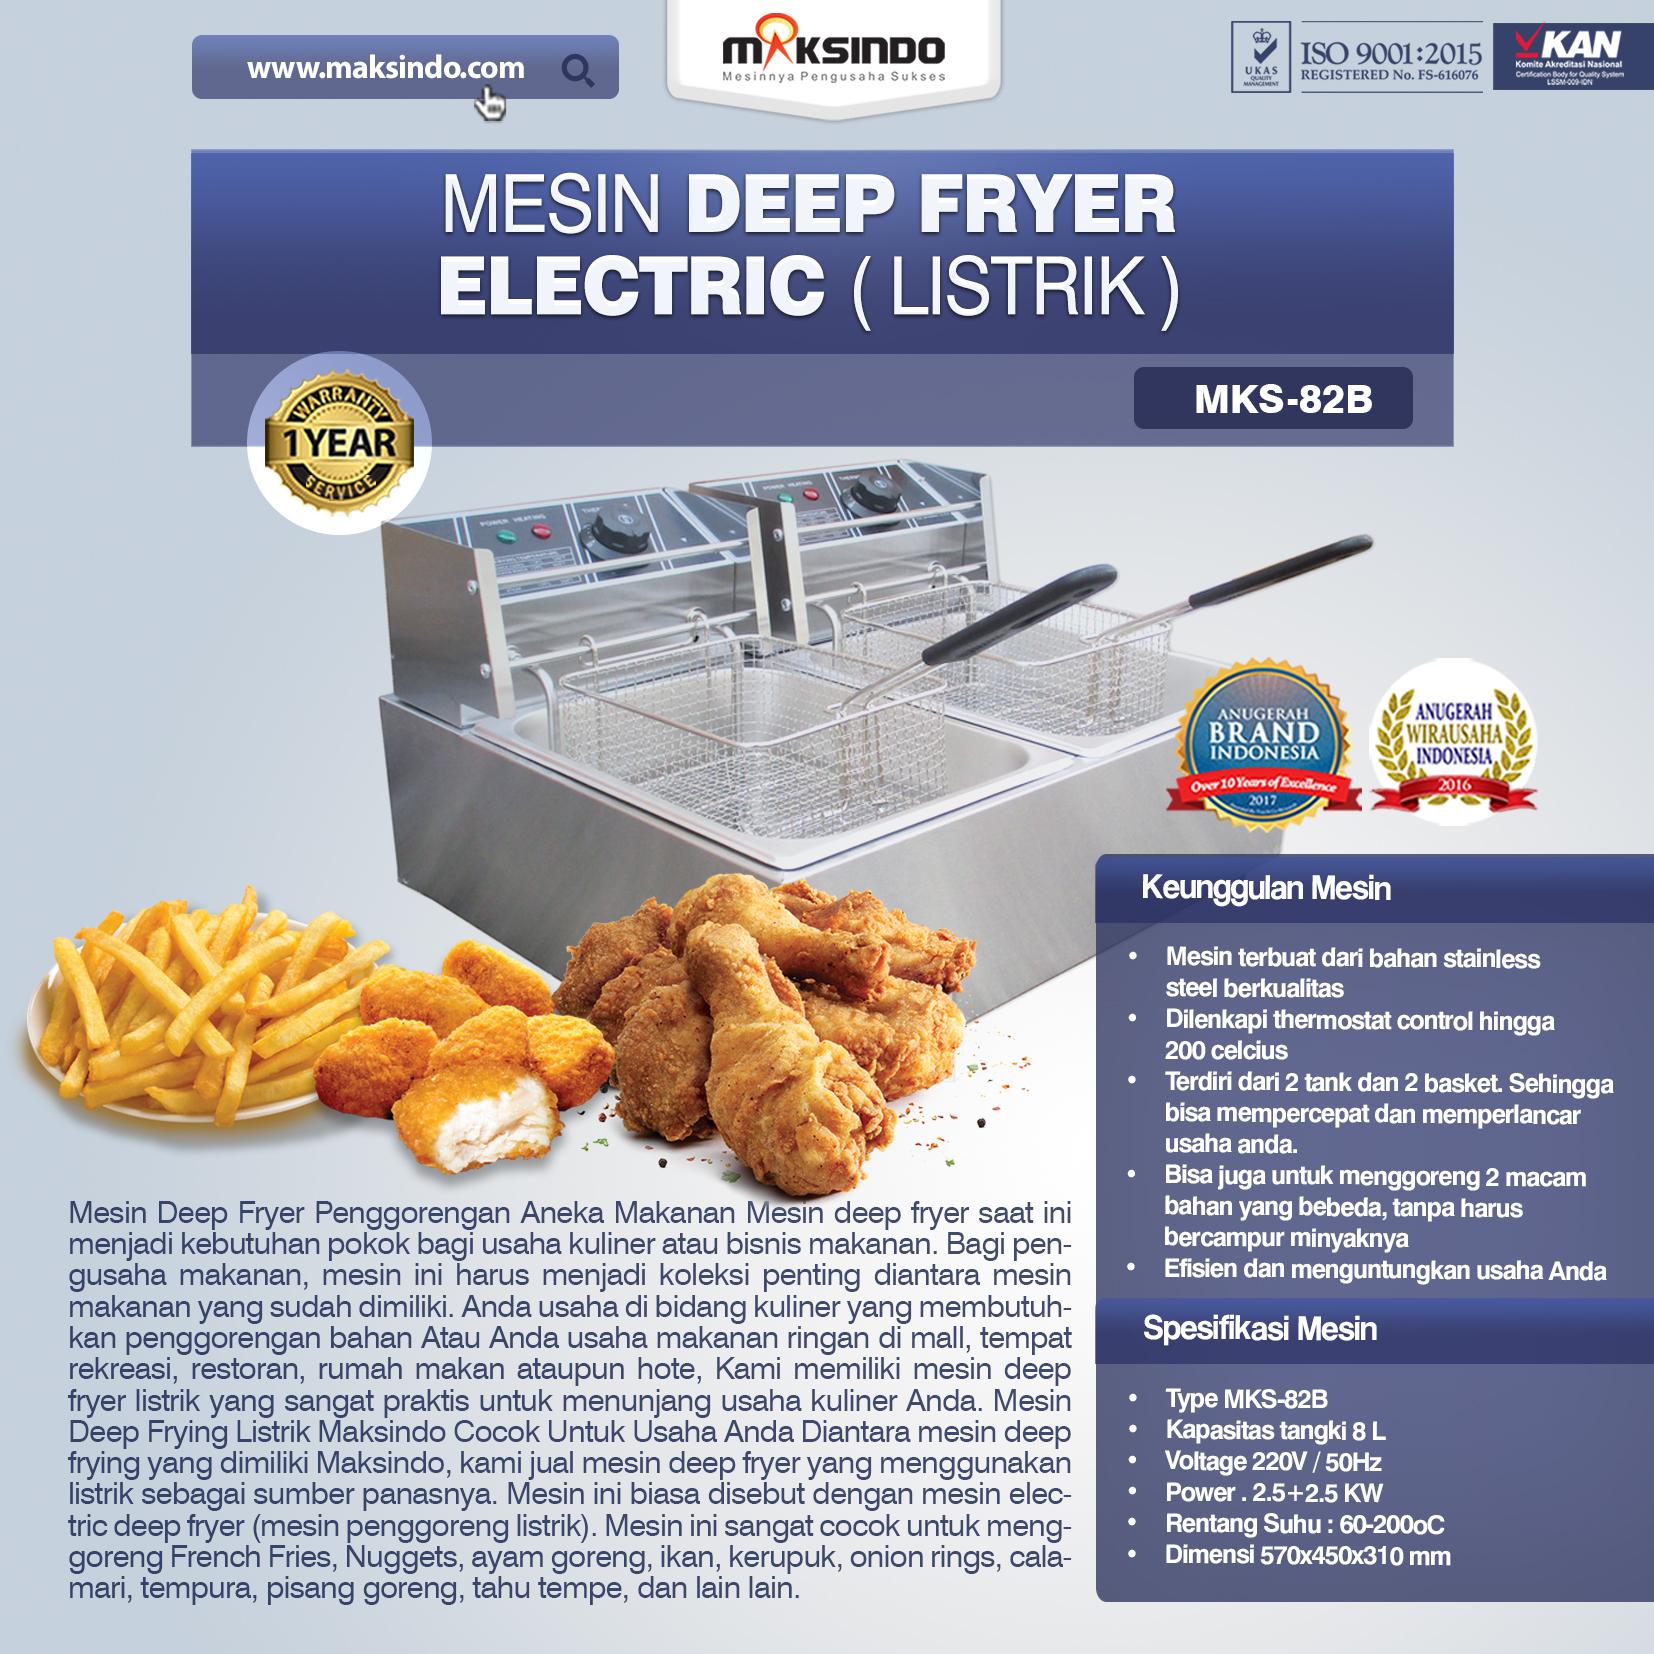 Jual Electric Fryer Listrik MKS-82B di Palembang